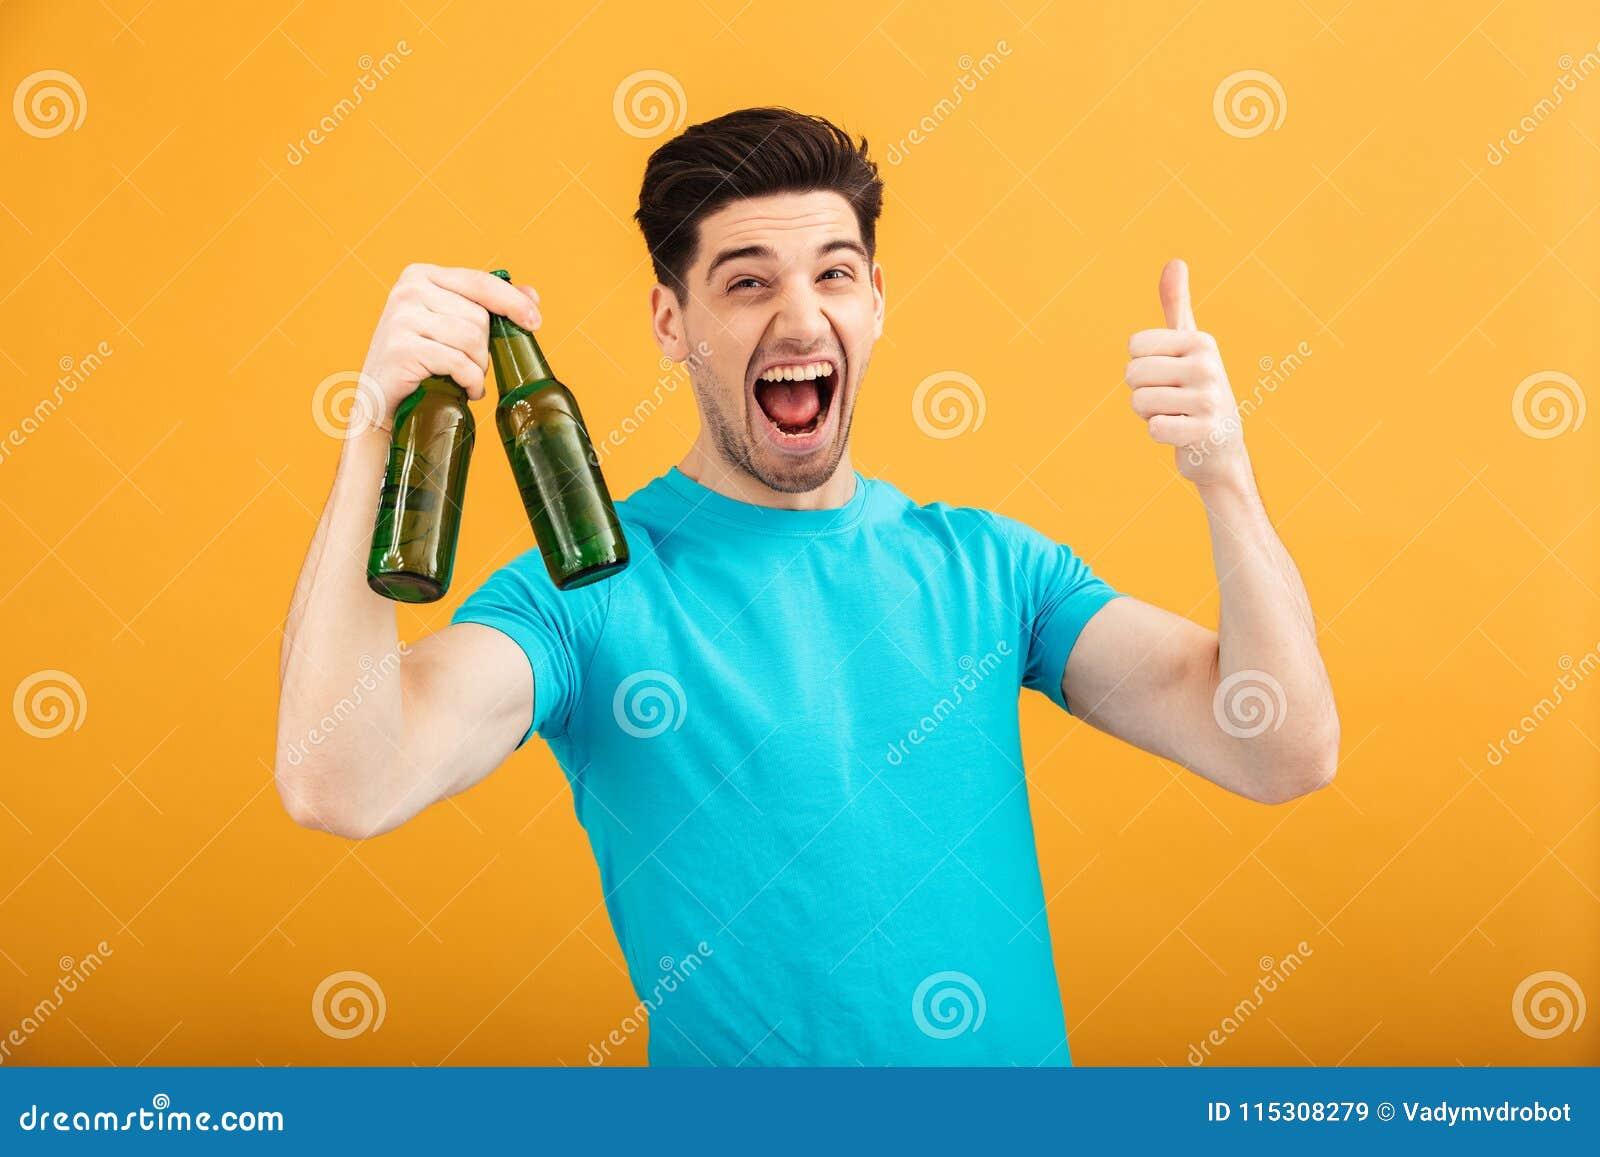 Portret szczęśliwy młody człowiek w koszulki mienia piwie